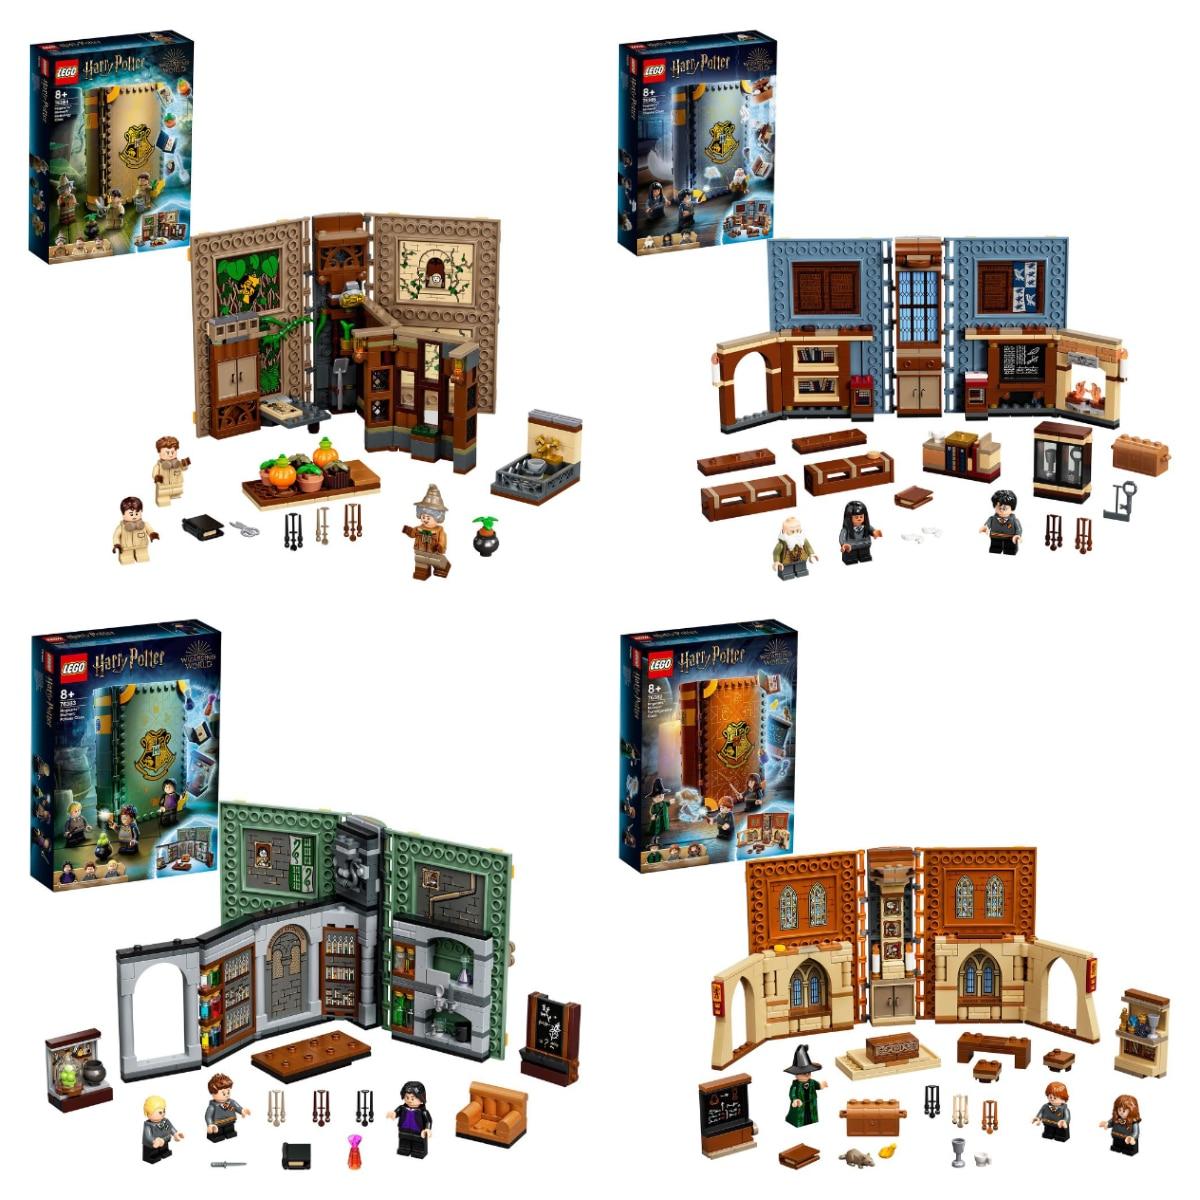 LEGO Harry Potter TM Momento Hogwarts: Clases de Transfiguración 76382, Pociones 76383, Herbología 76384 y Encantamientos 76385|Bloques| - AliExpress